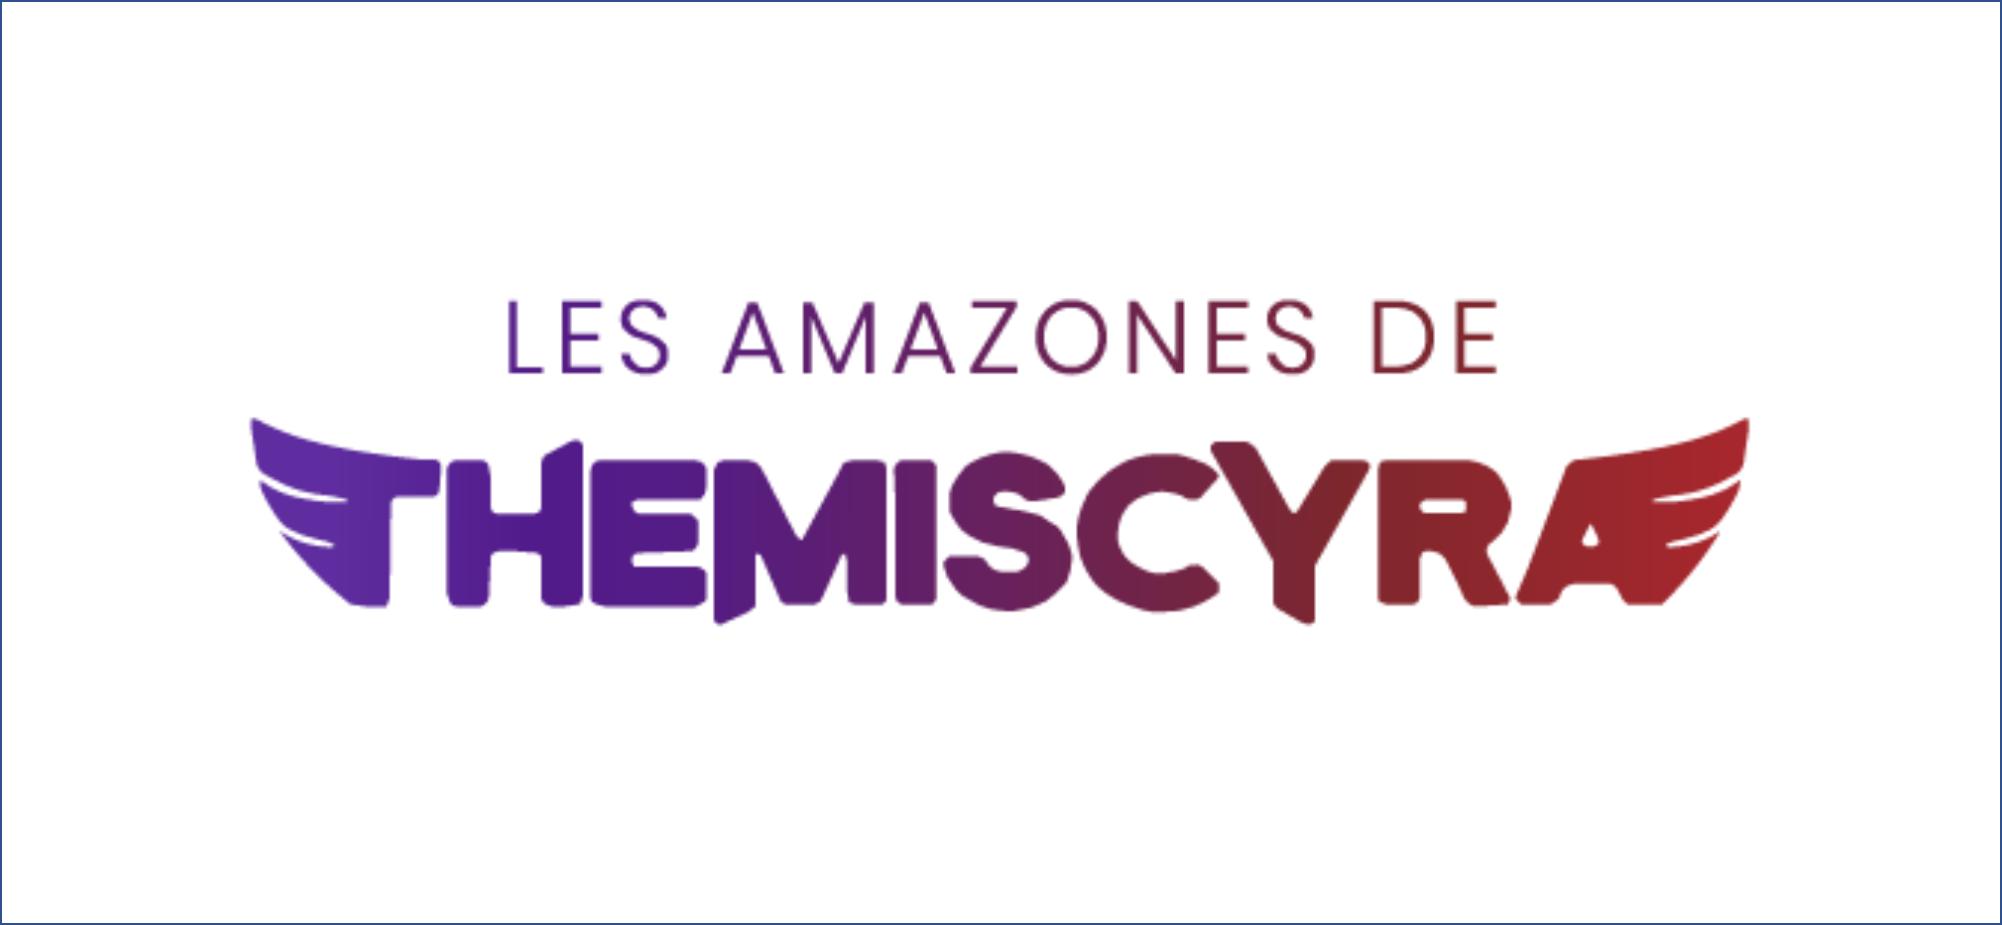 Les recommandations des Amazones de Themiscyra